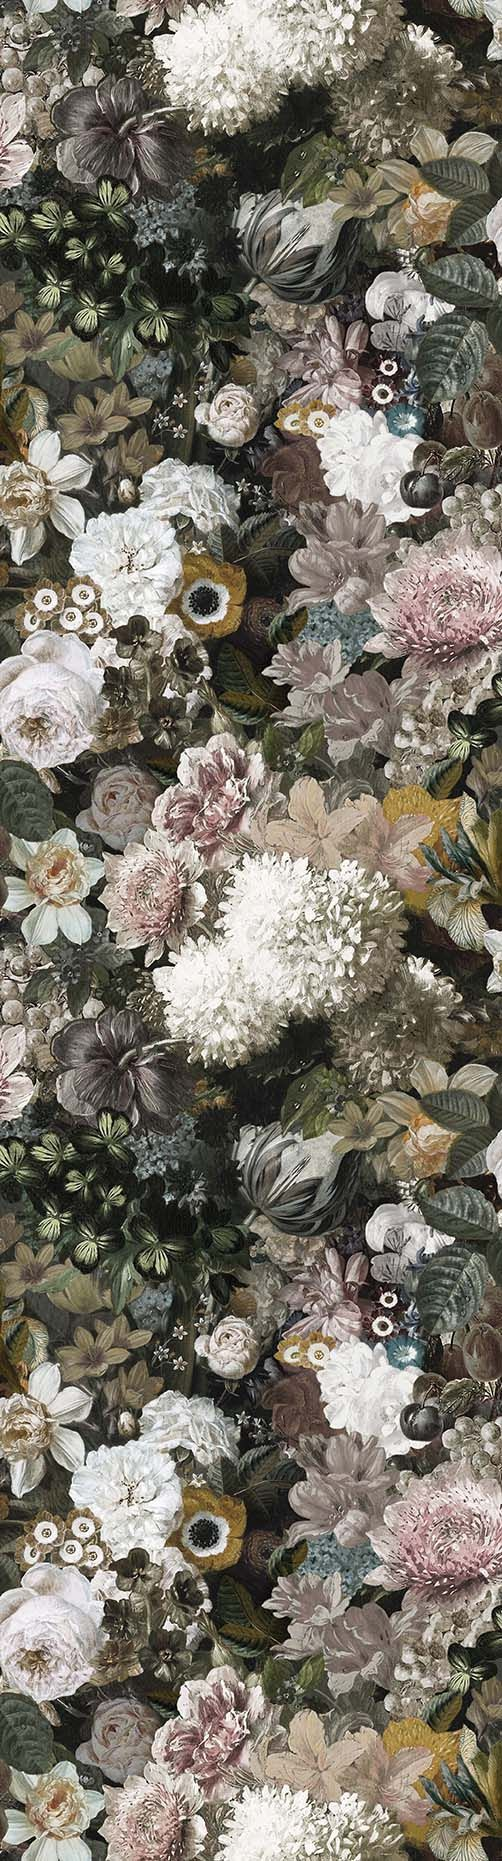 papier-peint-design-grosses-fleurs-mansfield-park-w7454-01